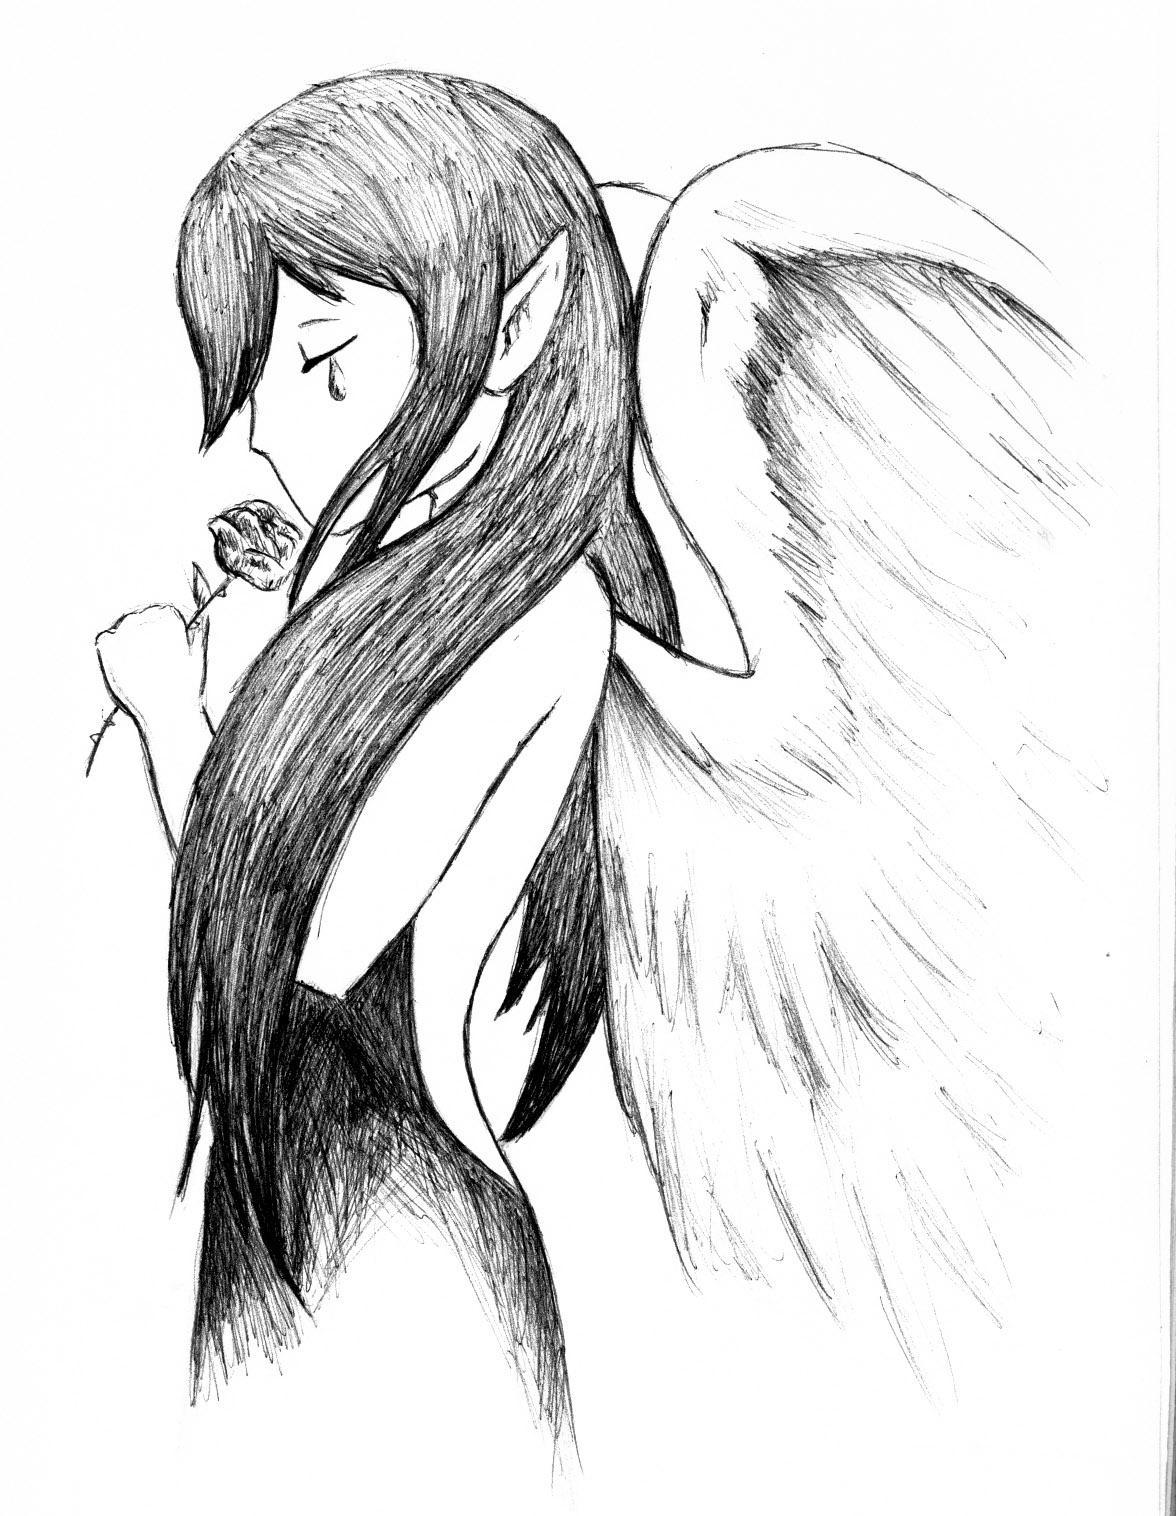 depressed angel drawings - photo #30